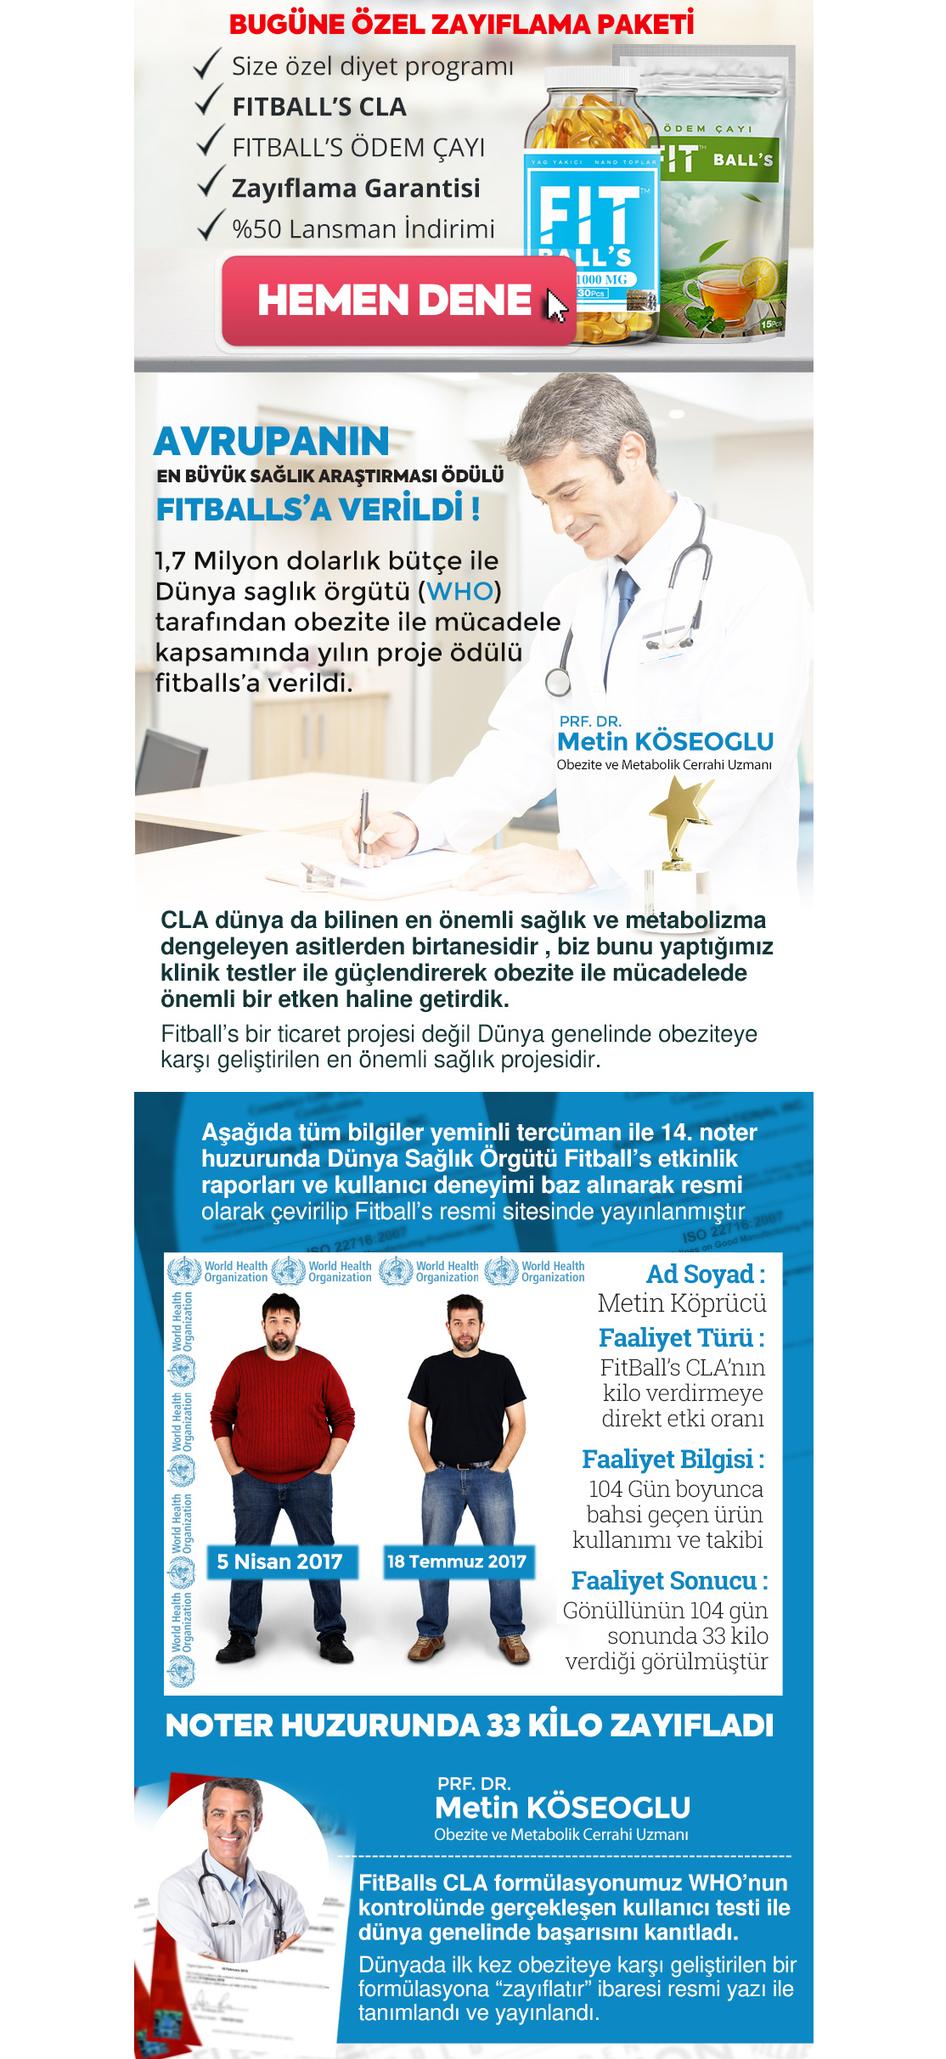 Cla Zayıflatır Mı Kilo Vermek İçin Nasıl Kullanılır